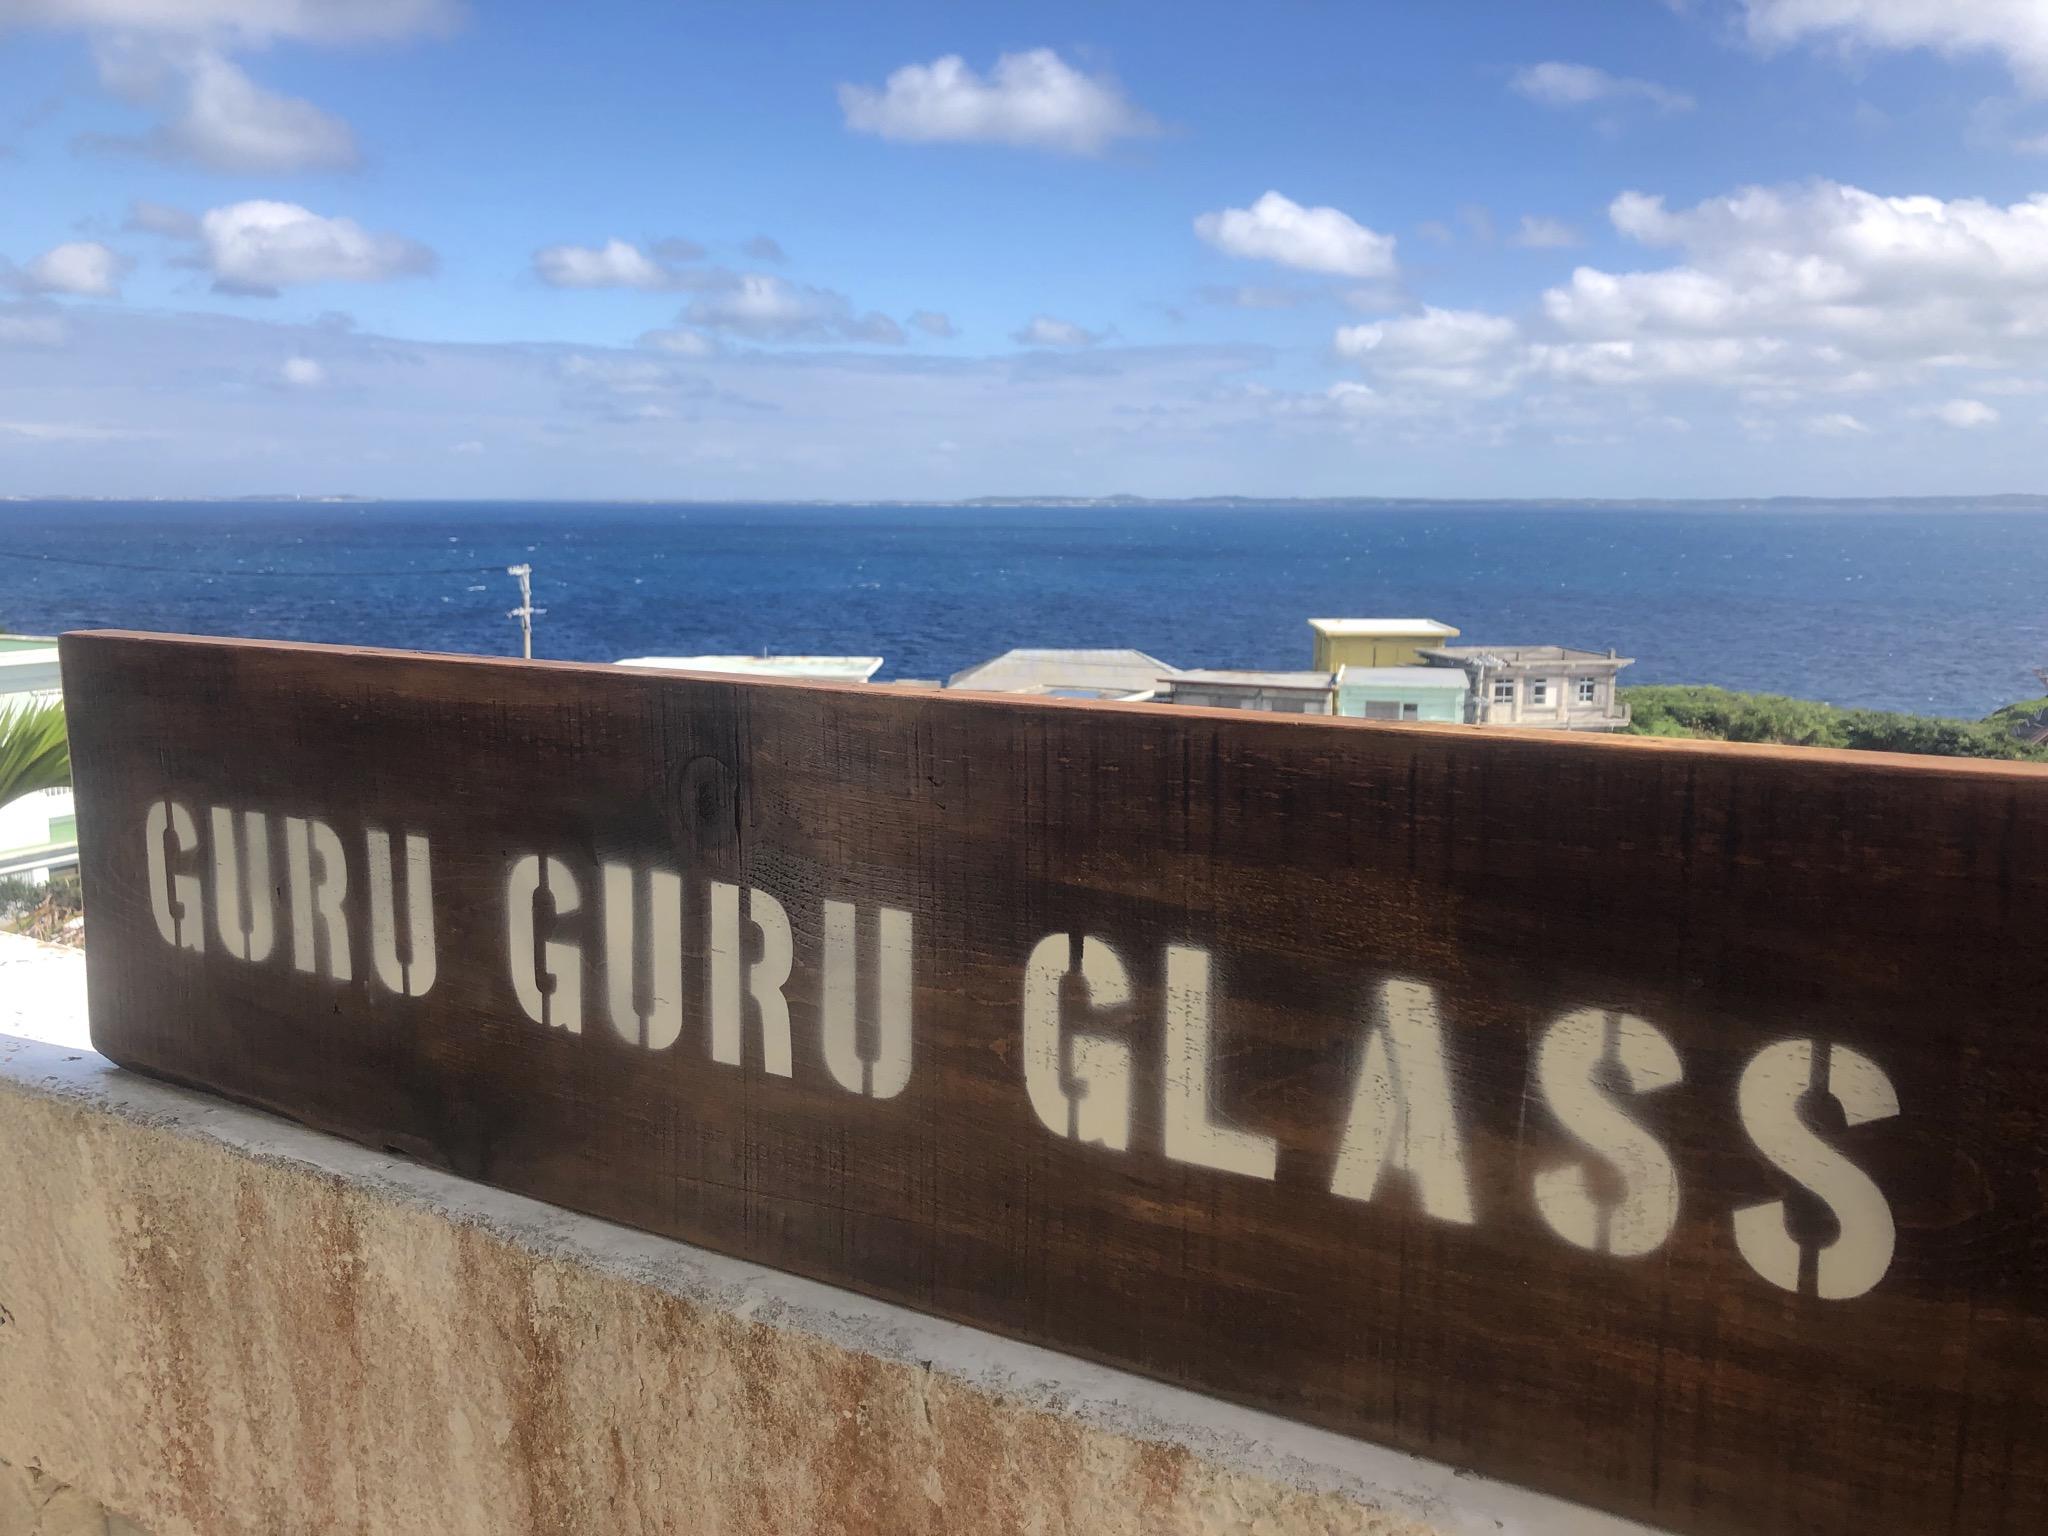 GuruGuruGlass store open